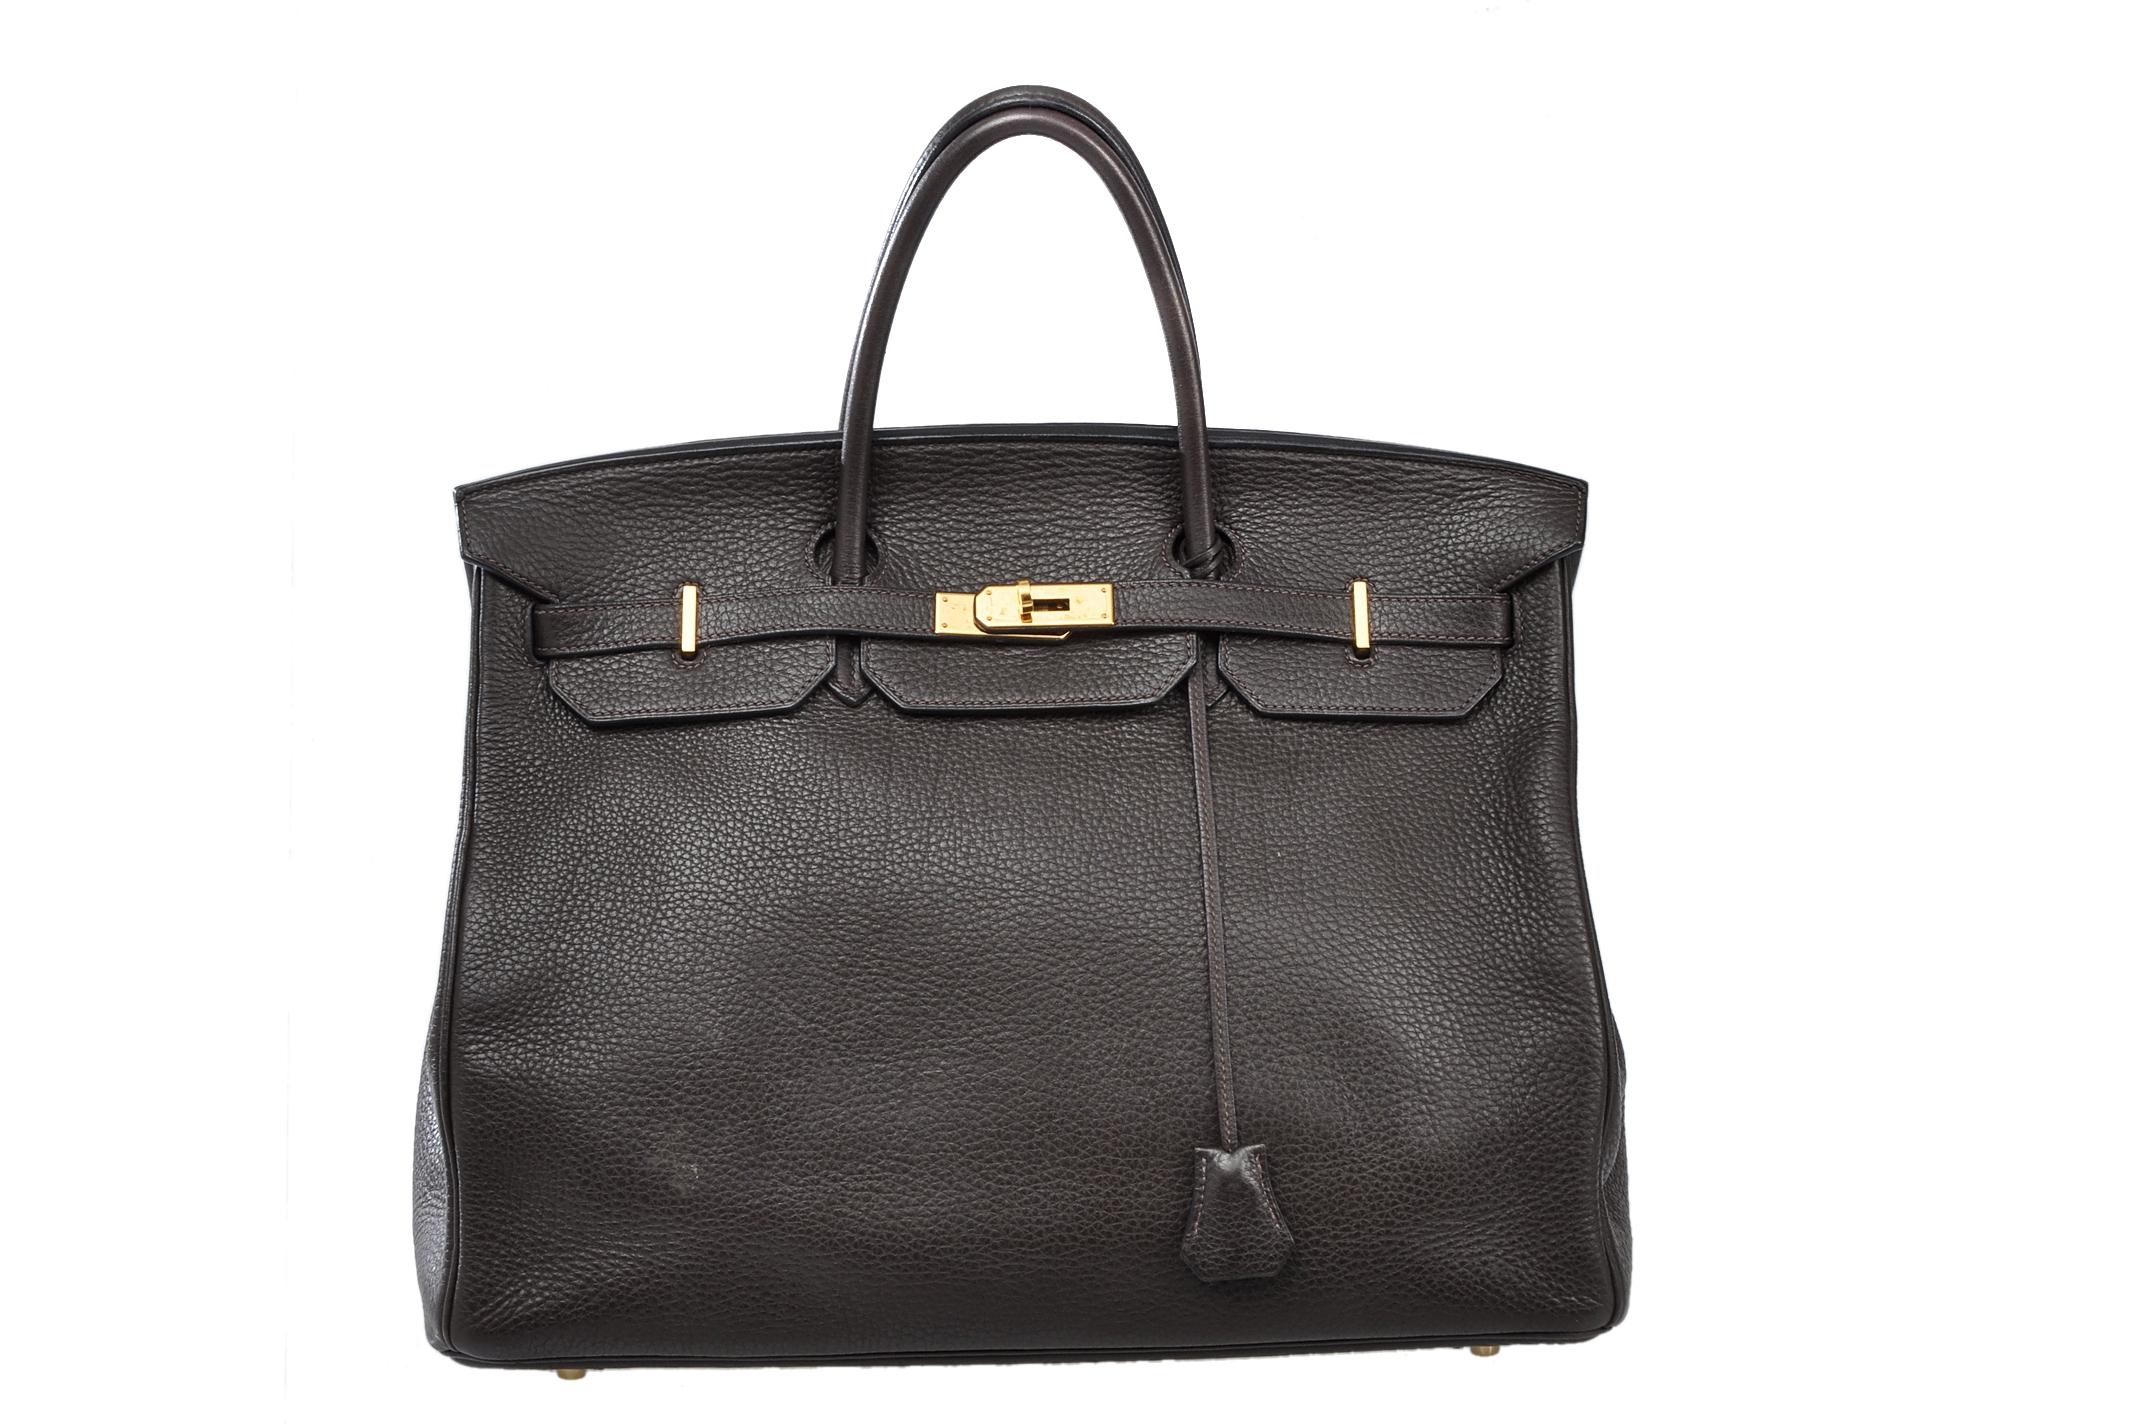 0f11805a7f1e Каждая сумка создается вручную, на что уходит от 30-40 часов. При  изготовлении используются различные материалы — телячья кожа, ...